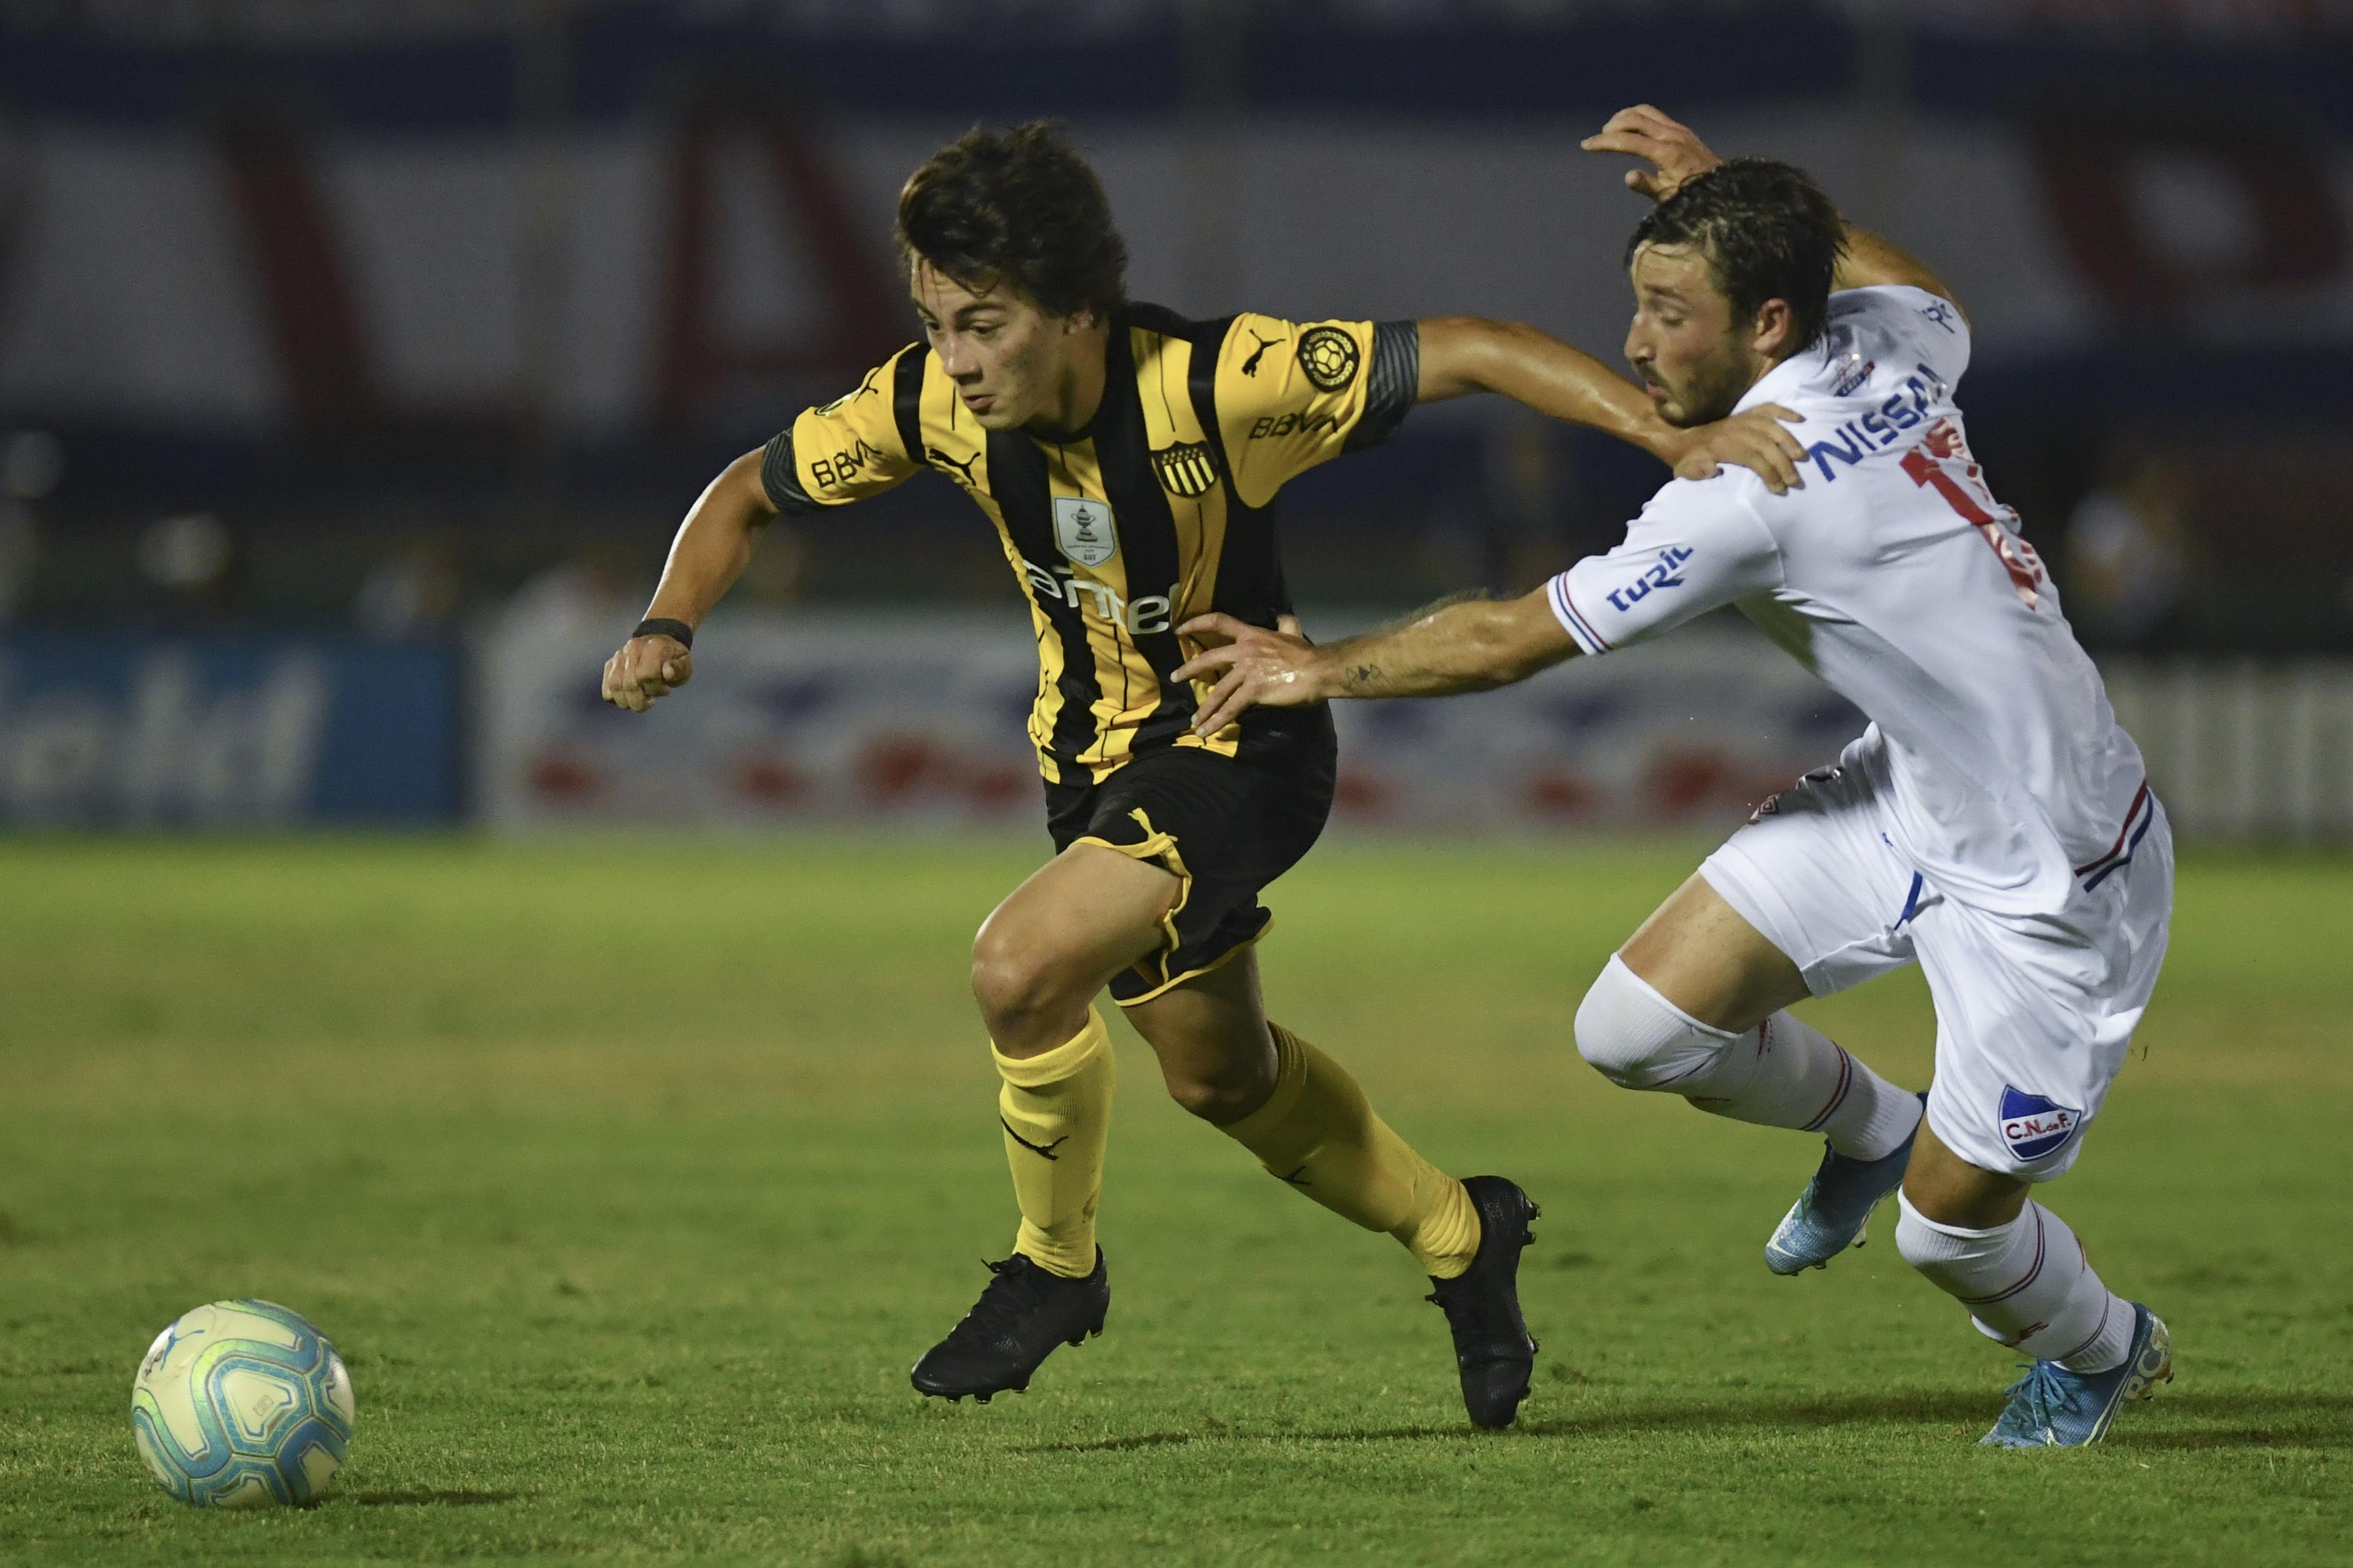 Pellistrini Peñarol